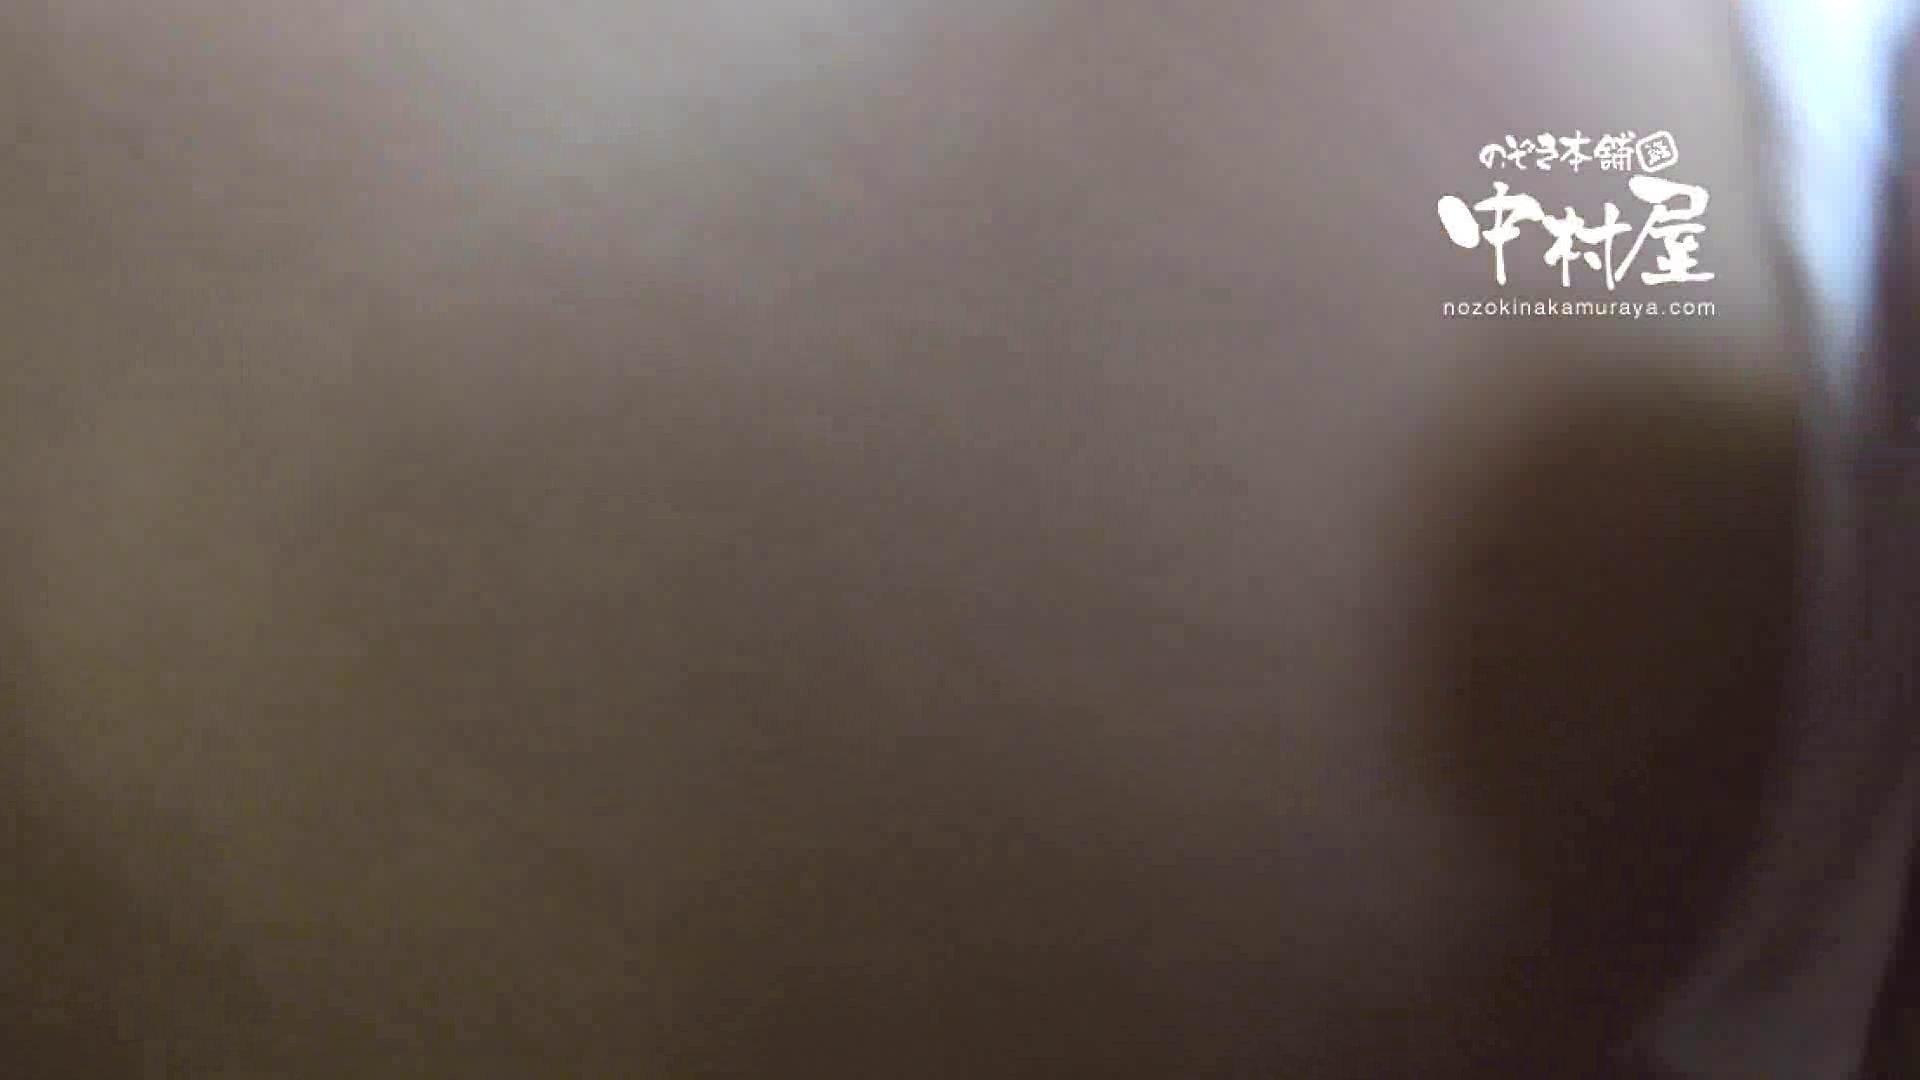 鬼畜 vol.18 居酒屋バイト時代の同僚に中出ししてみる 後編 鬼畜 | 中出し  94連発 28